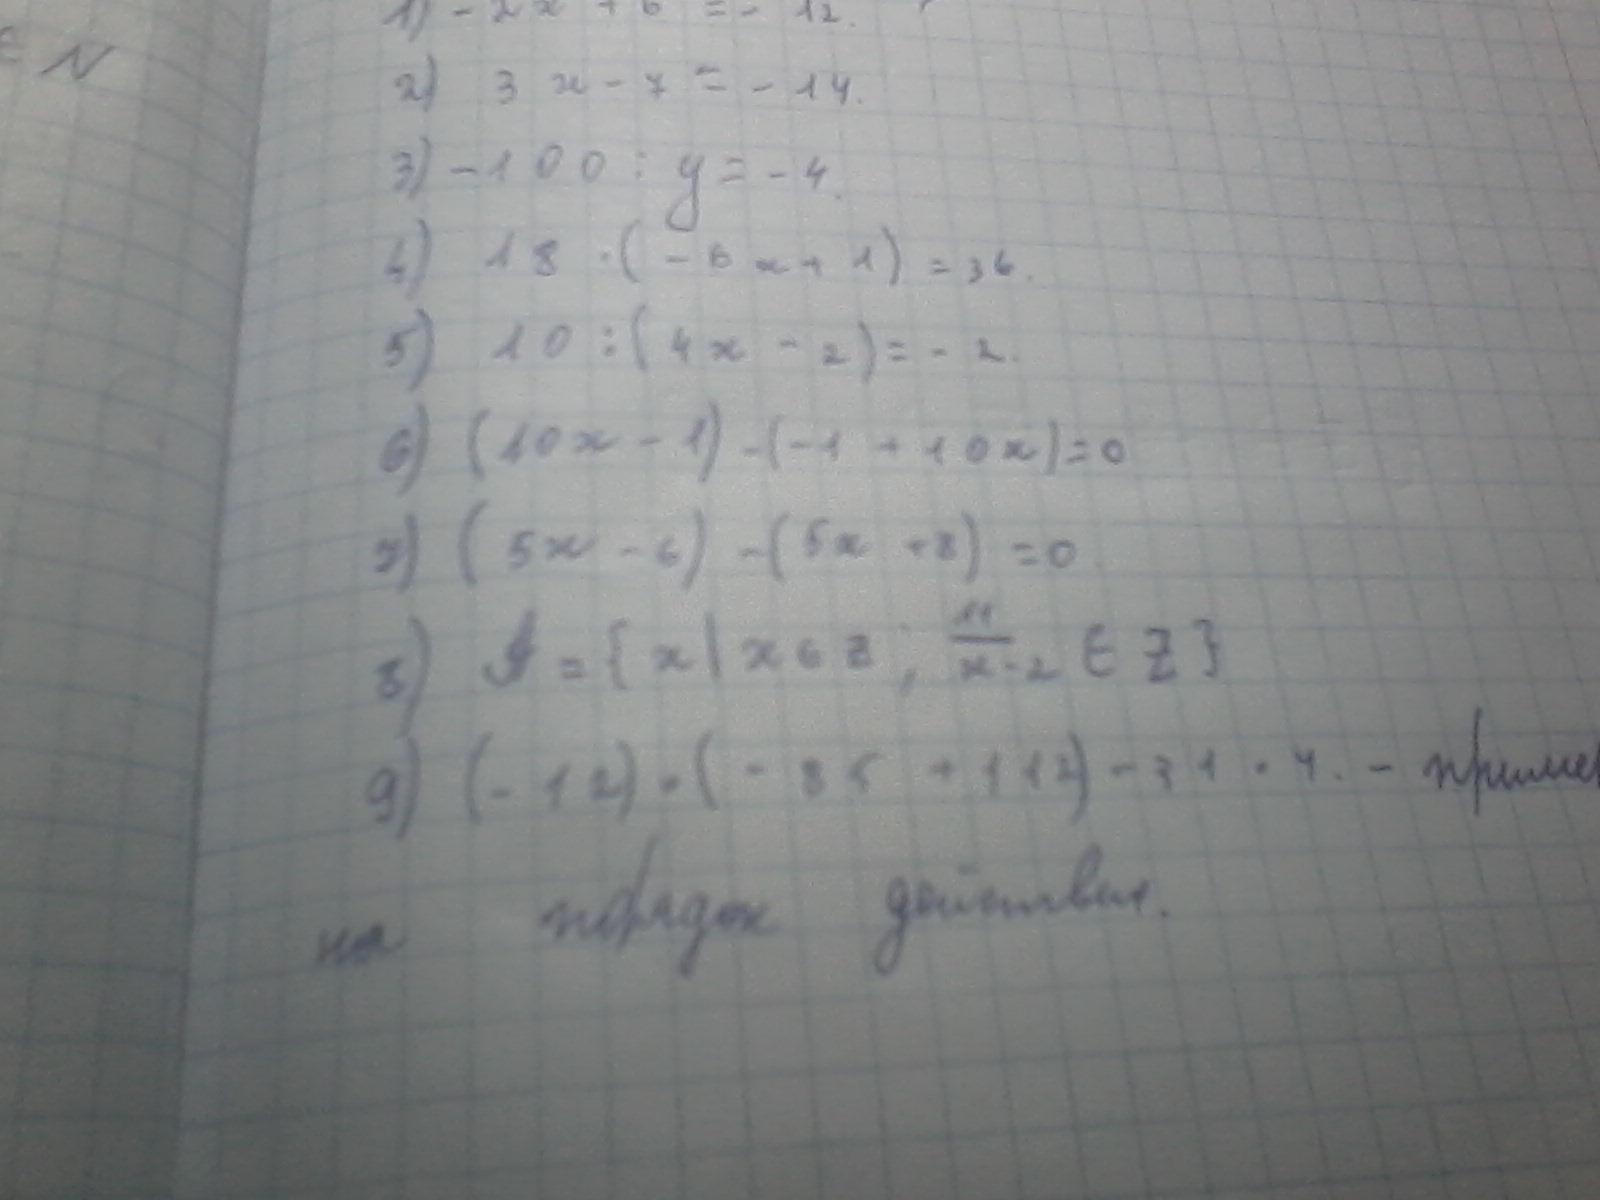 Помогите пожалуйста !!! В первом примере -2x+6=-12